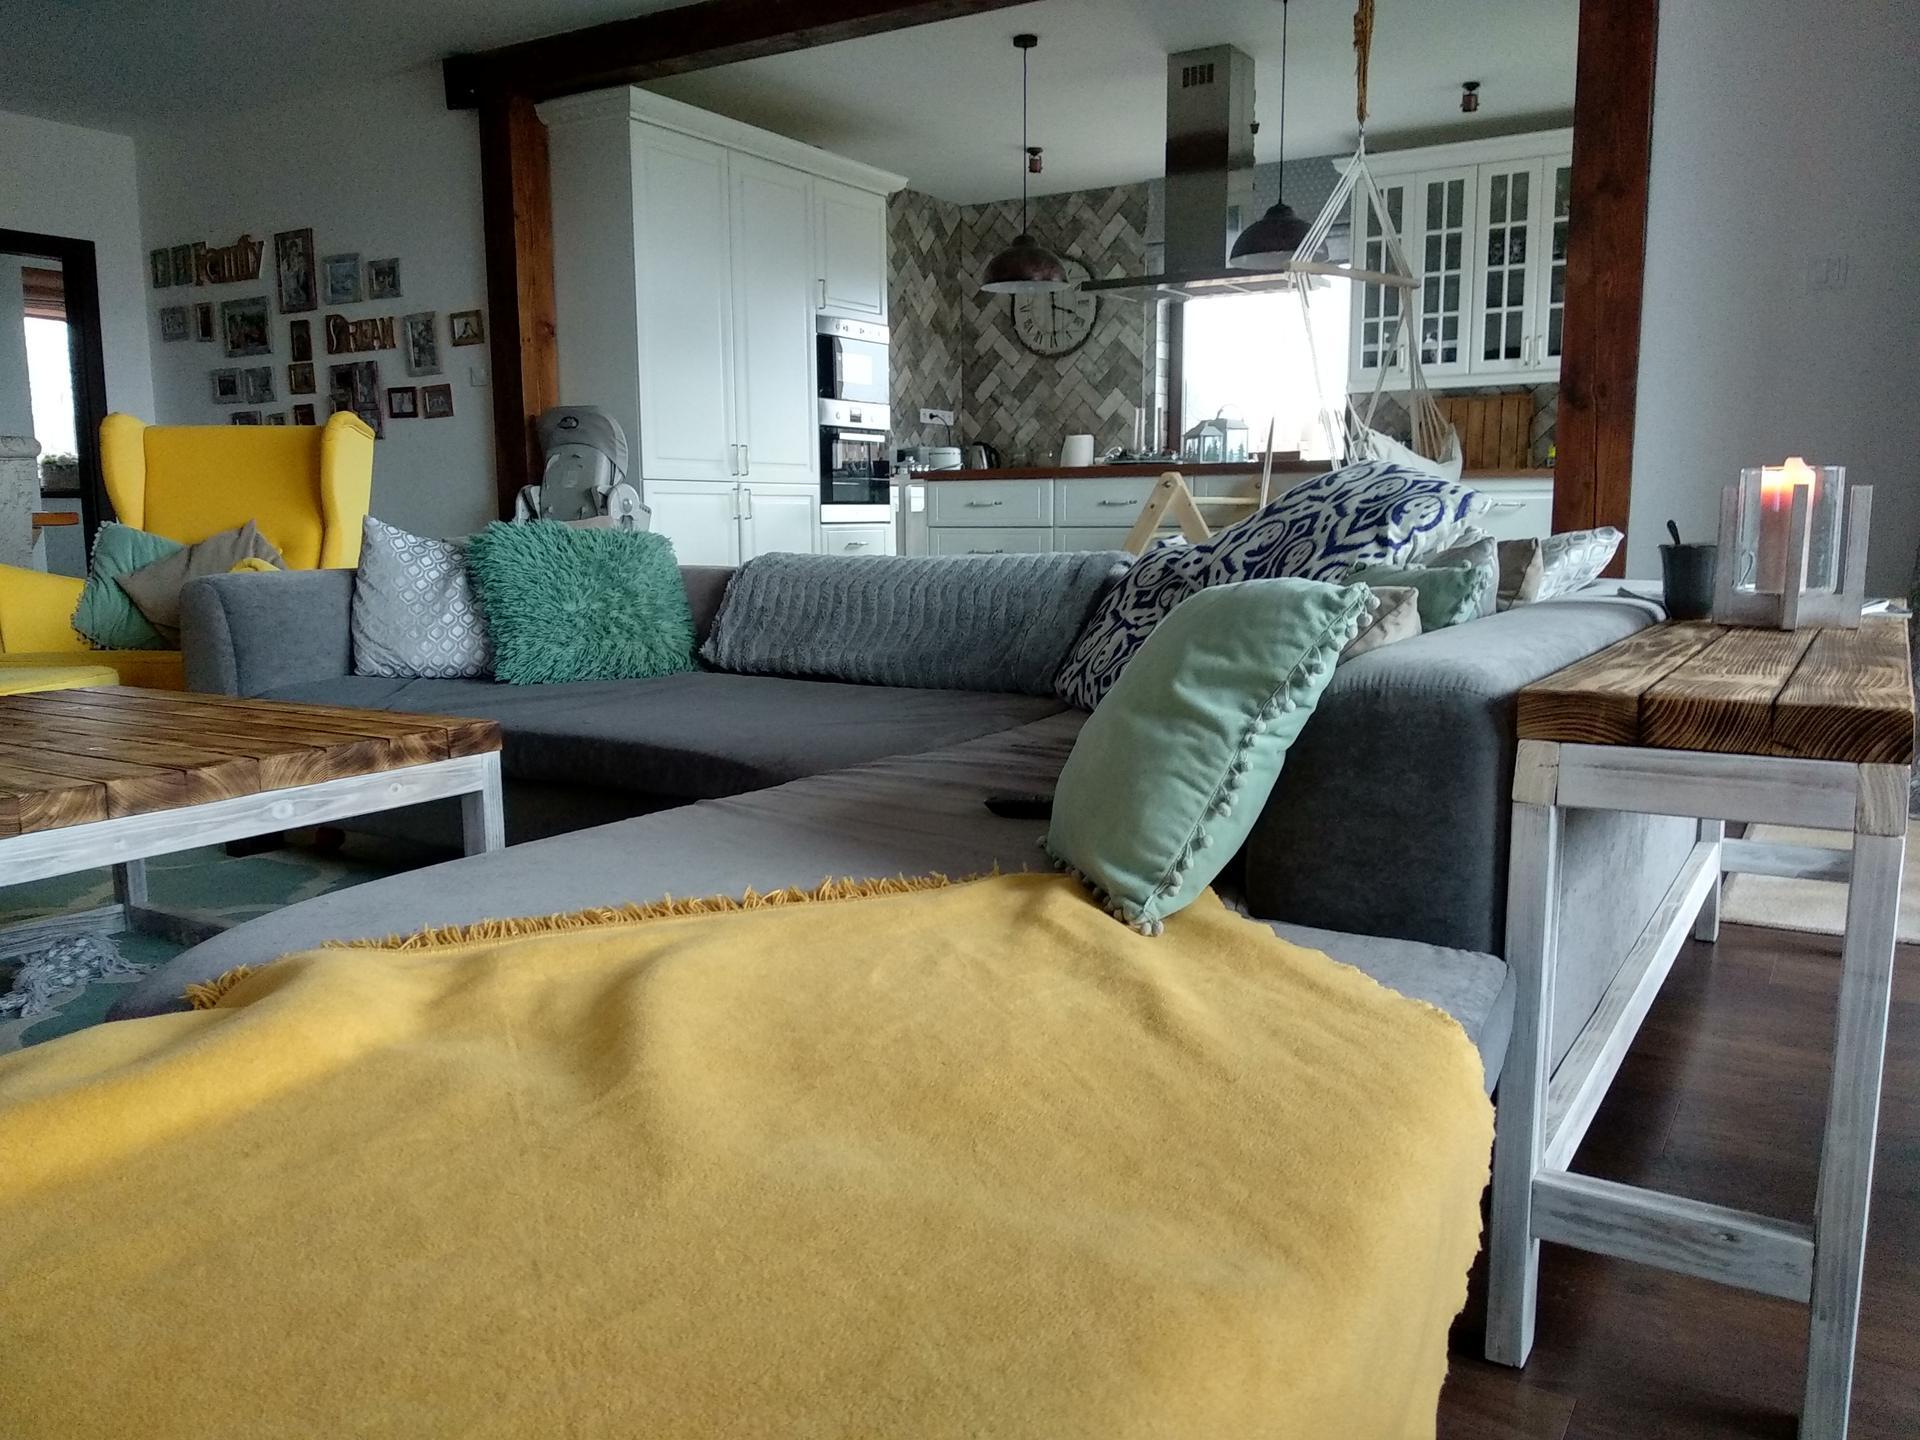 Náš domov :) - Do série príručny stolík, vyrobil moj manžel 😍 A čakám ešte na žlté vankúše trošku zmeny si to pýta🙏